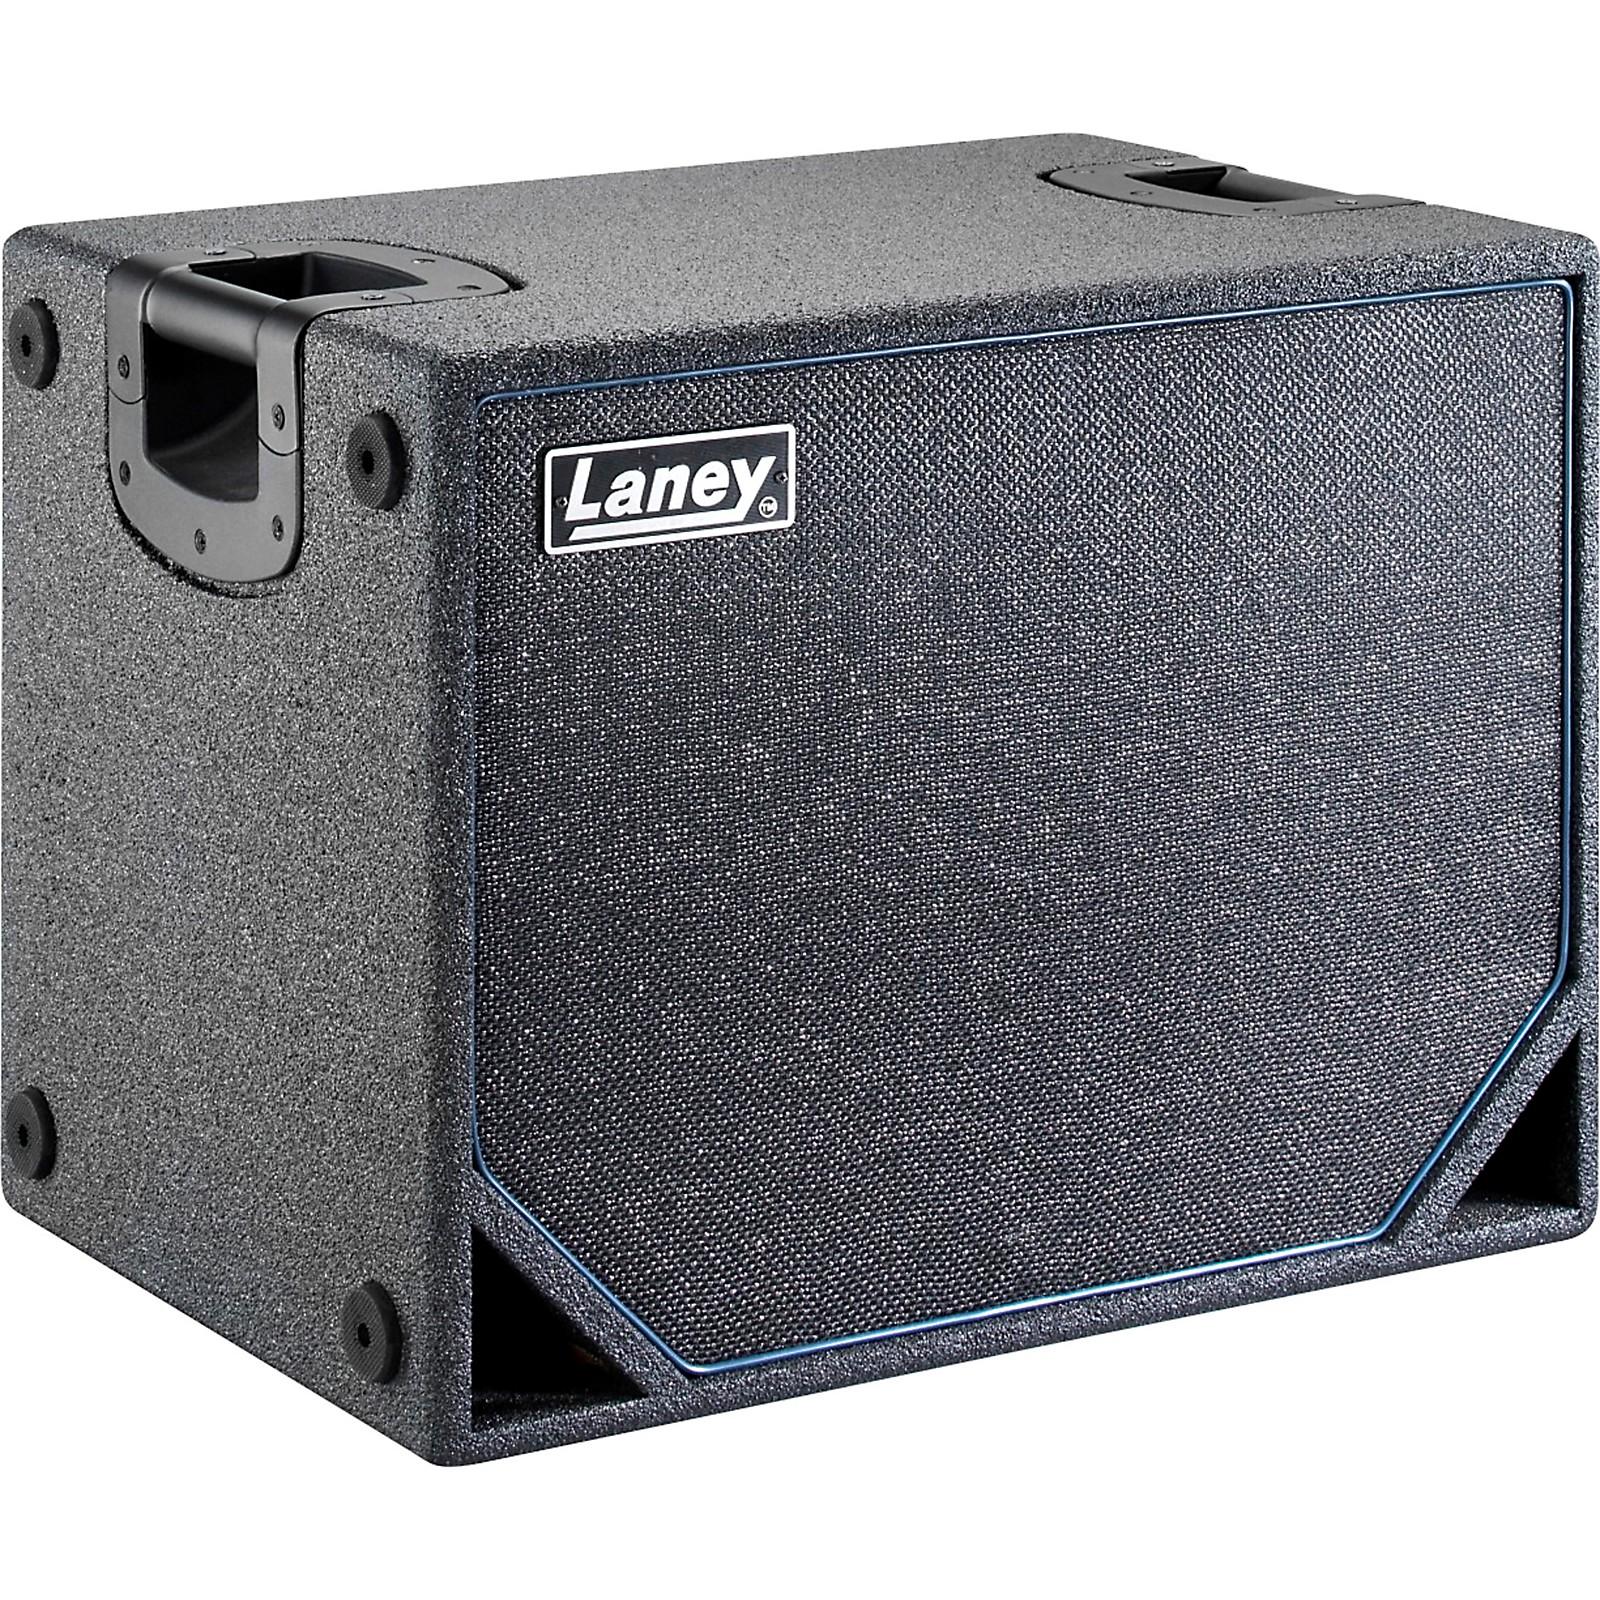 Laney Nexus N115 400W 1x15 Bass Speaker Cabinet